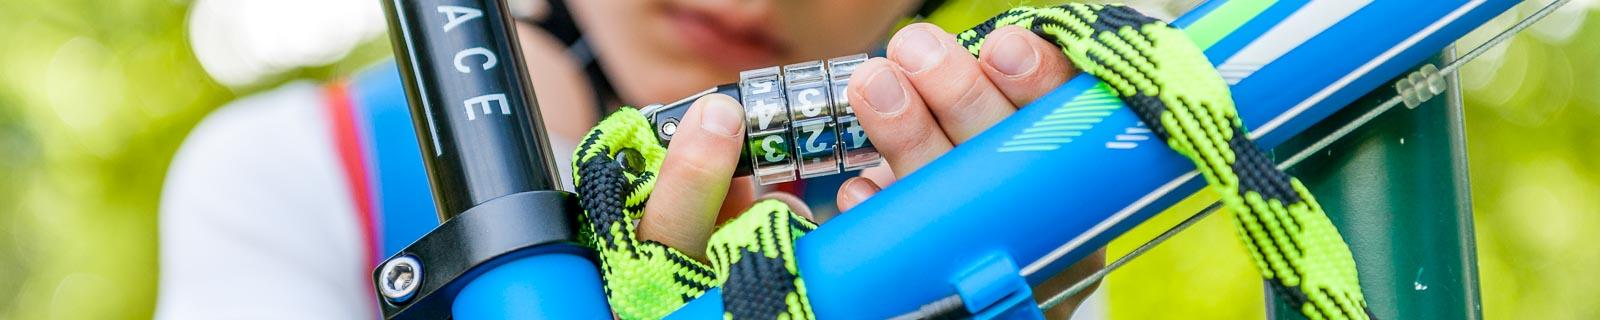 Sicurezza per la vostra bici - con serrature di MHW Bike House